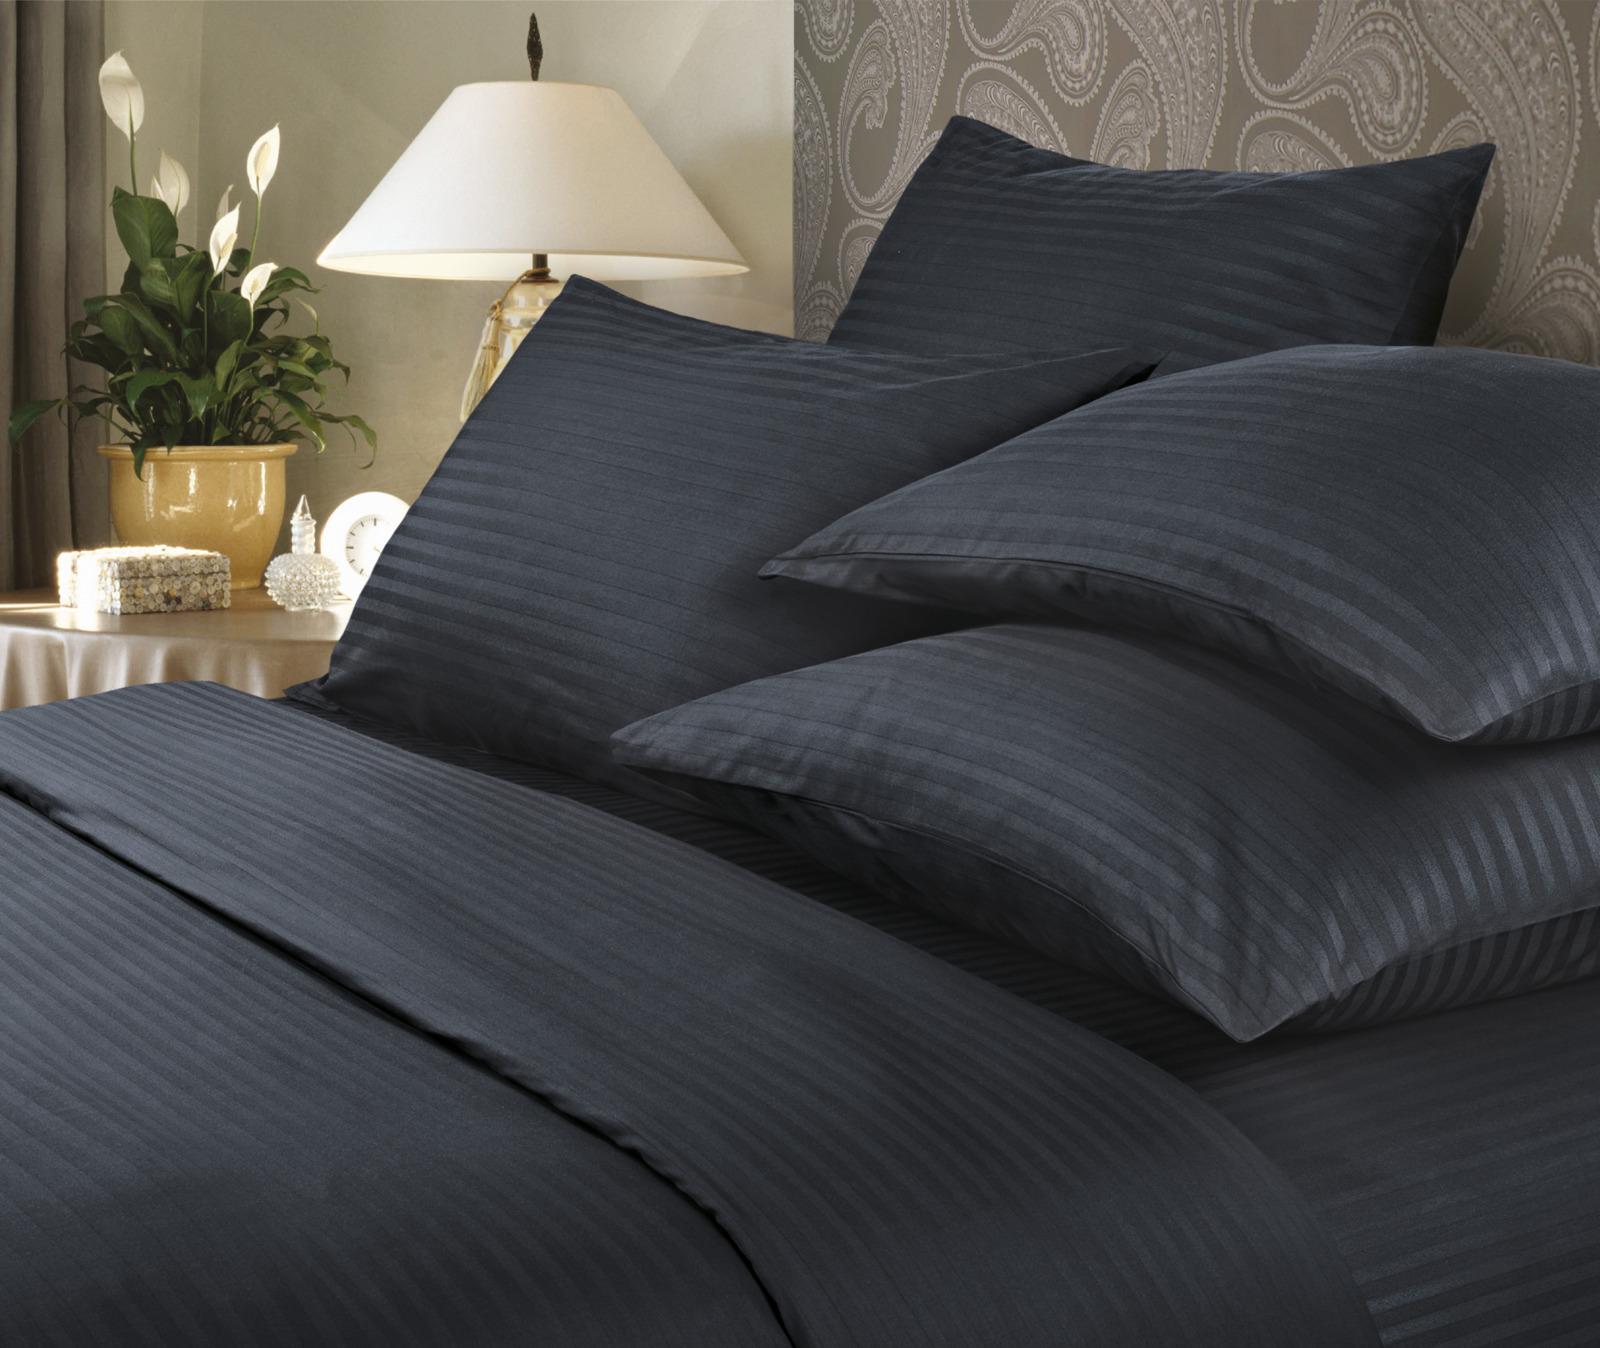 Комплект белья Verossa Black, 1,5-спальный, наволочки 50x70